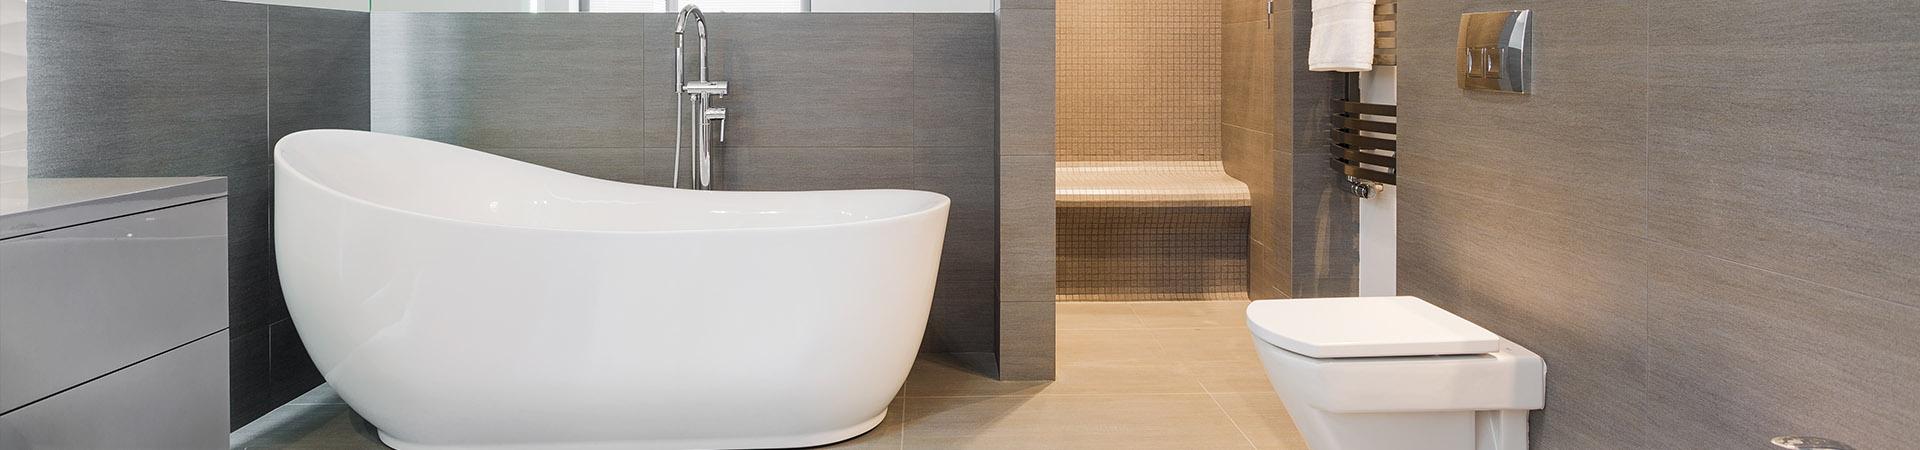 news-Xavier-Fashionable creative bathtub to promote bathroom personality-img